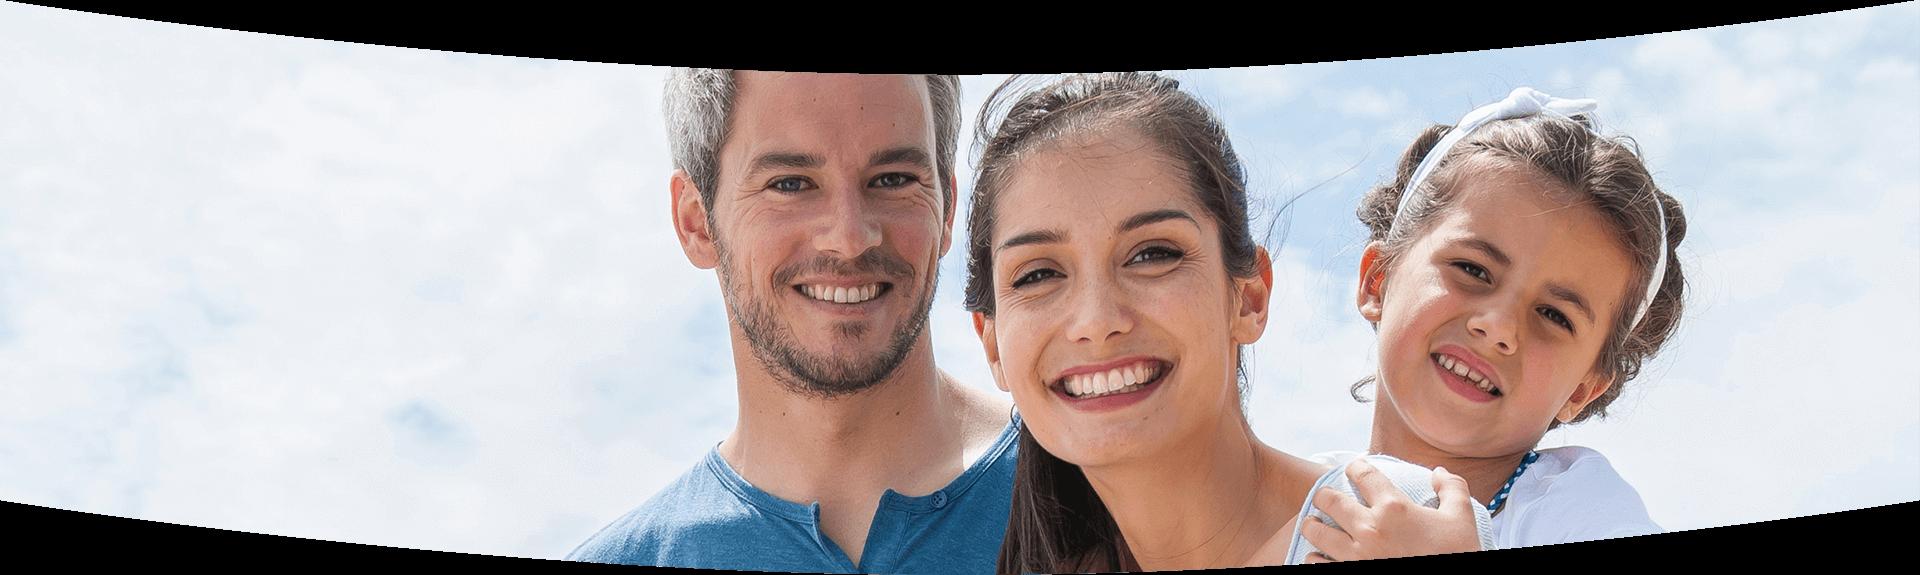 Dentist Calgary - Happy family 1